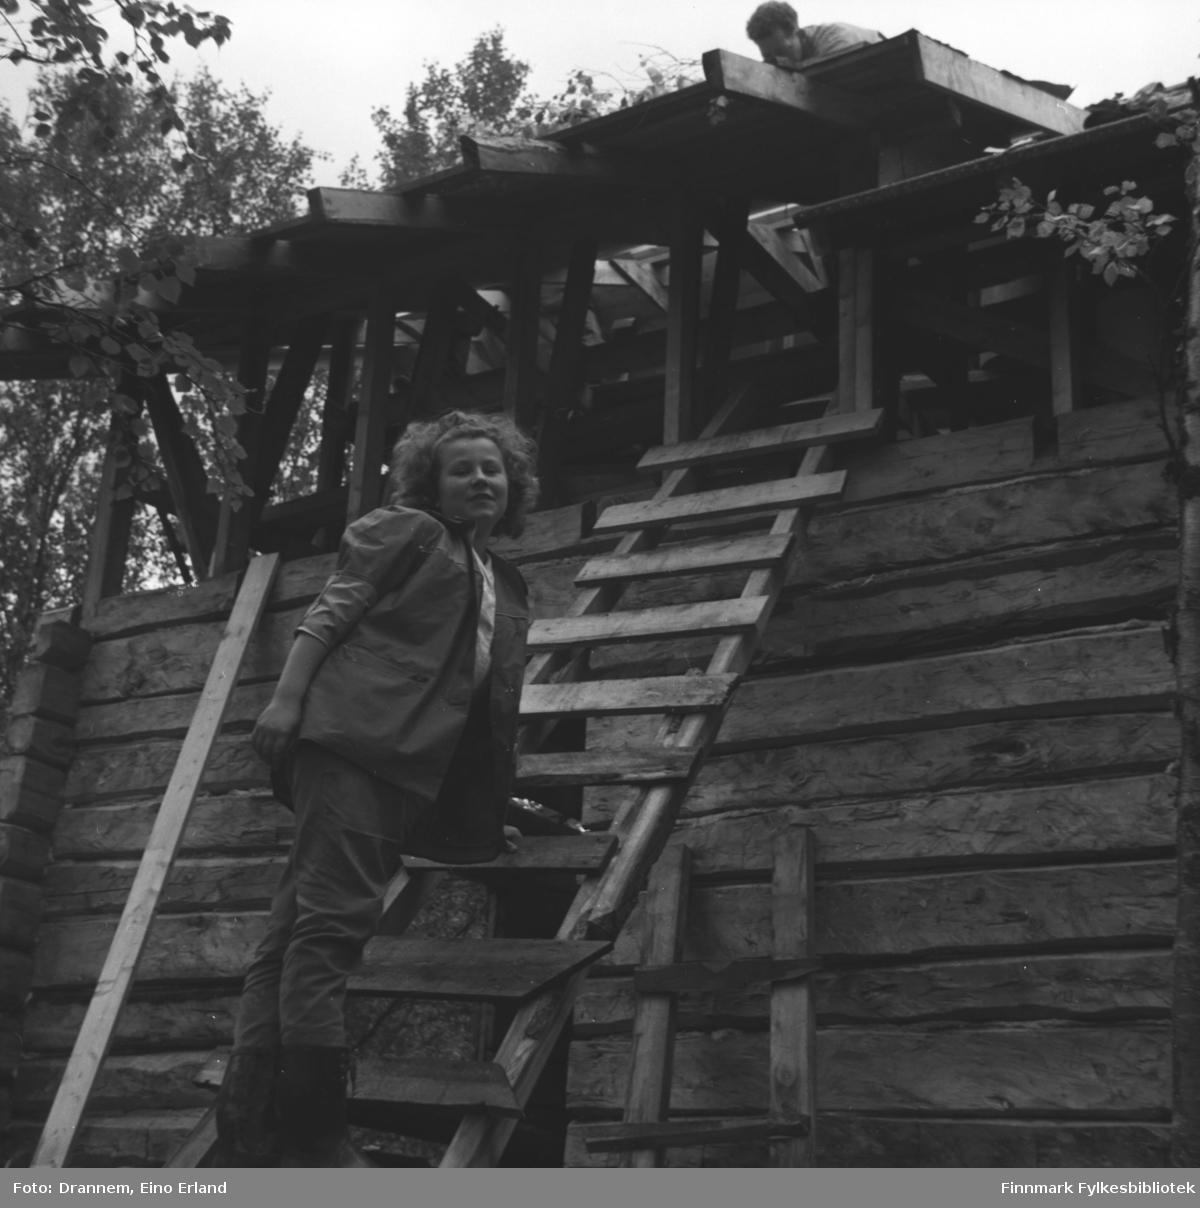 En hytte er under bygging eller renovering. Turid Karikoski klatrer opp stigen og en ukjent mann jobber på taket.